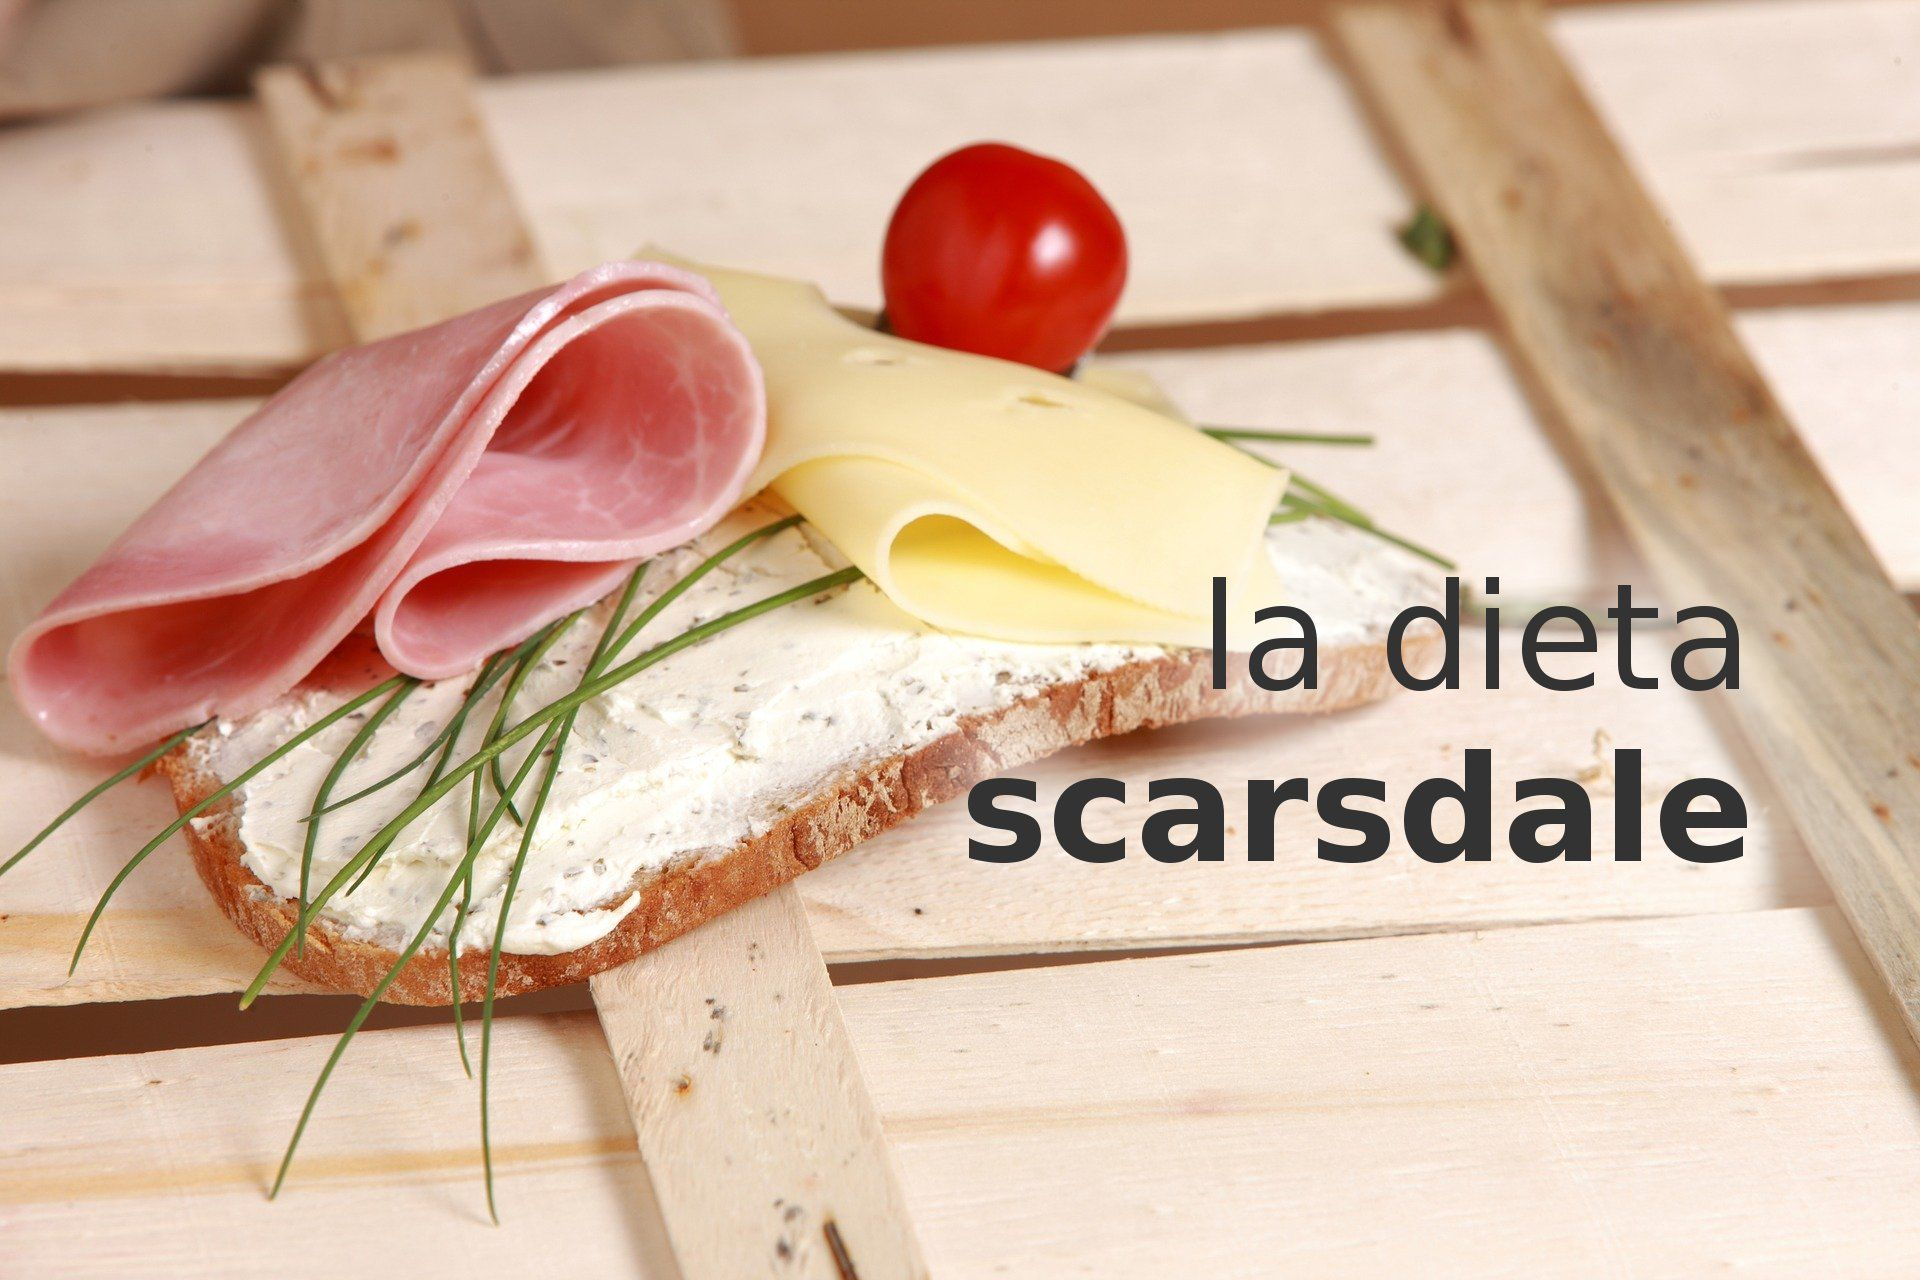 dieta scarsdale giorno x giorno